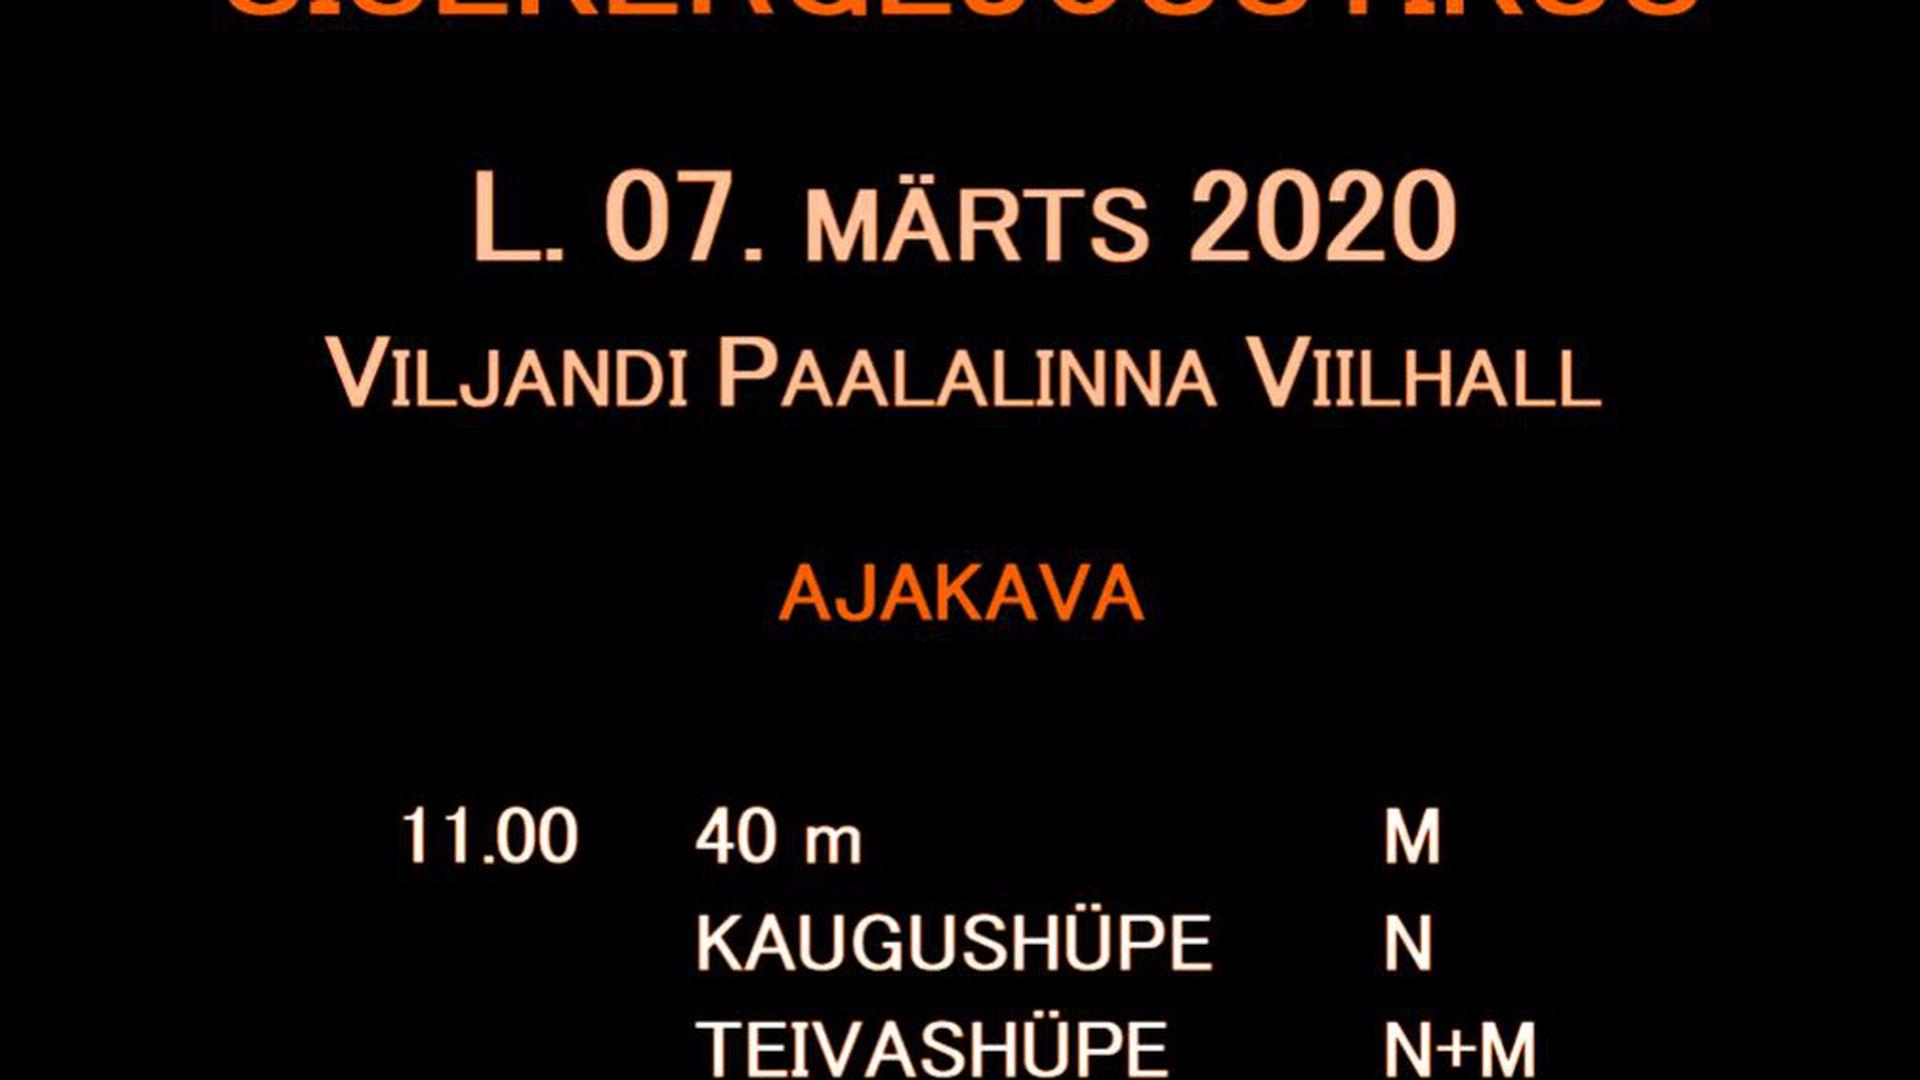 Laupäeval peetakse Viljandimaa sisekergejõustiku meistrivõistlusi